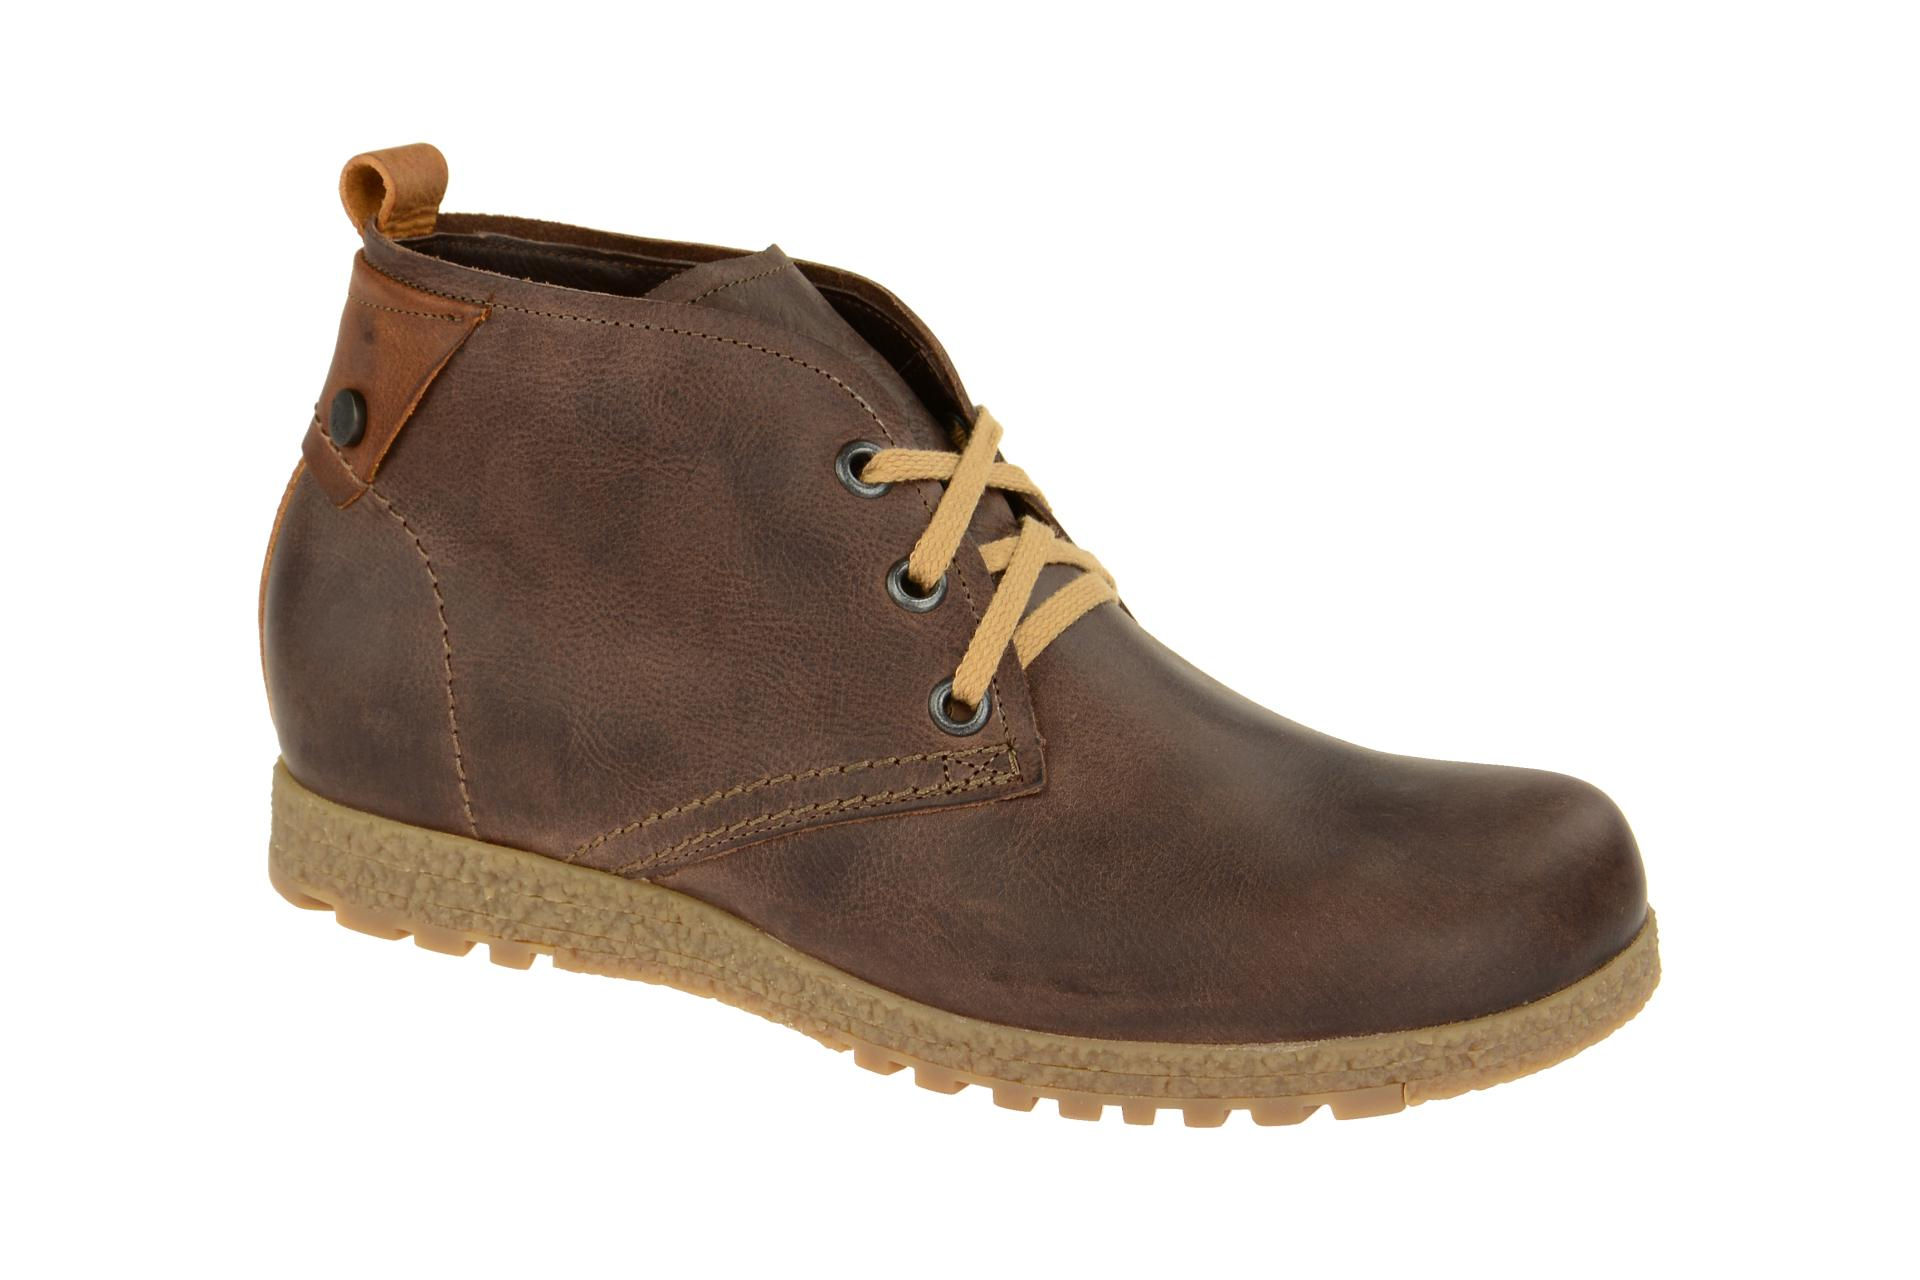 18a1d2362edc28 Think Herren Schuhe 2019 versandfrei online kaufen